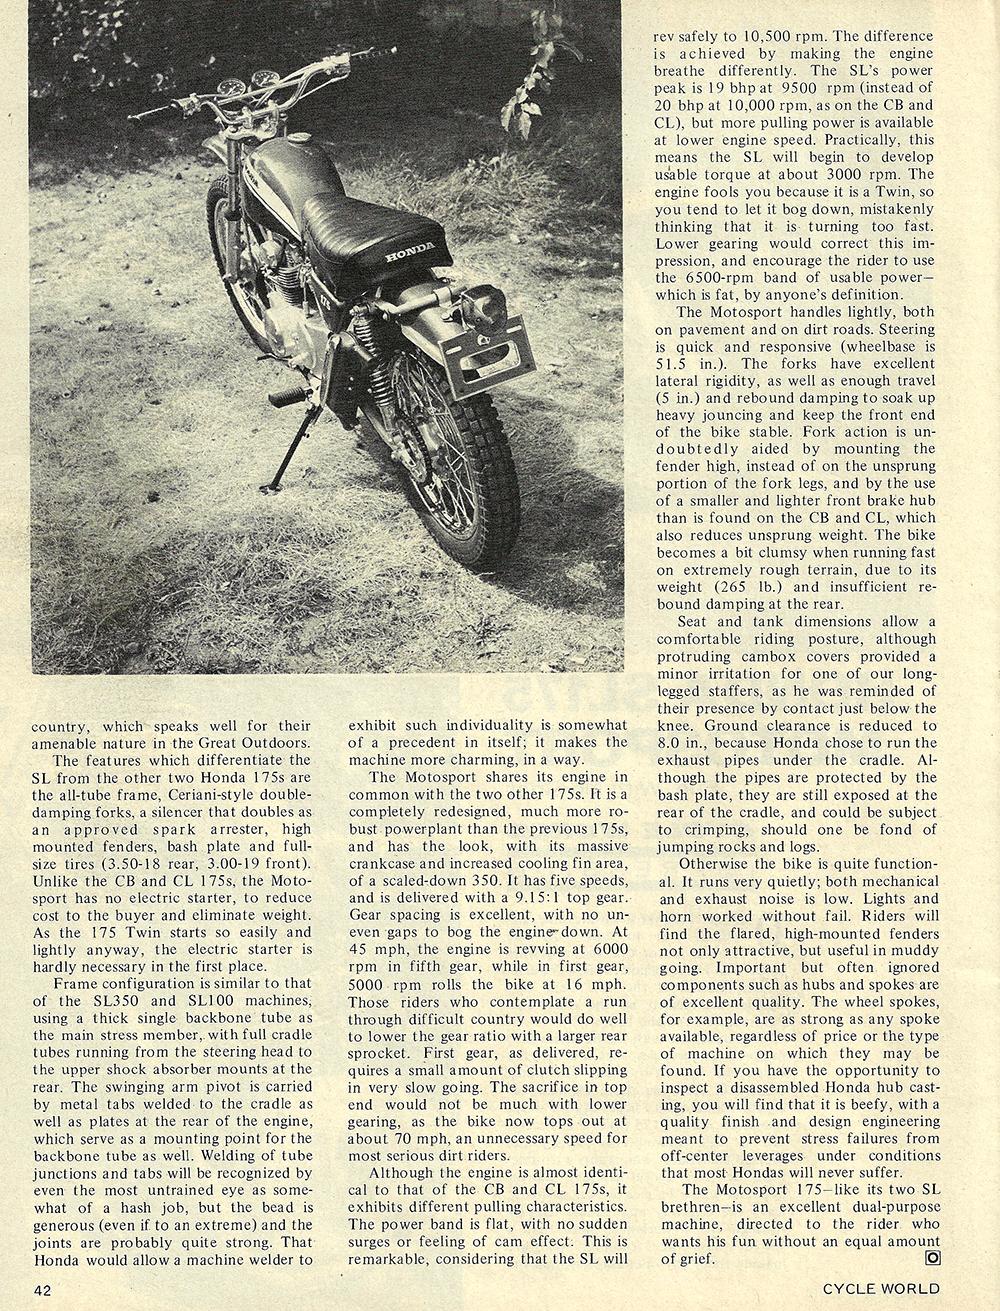 1970 Honda SL175 Motosport road test 02.jpg